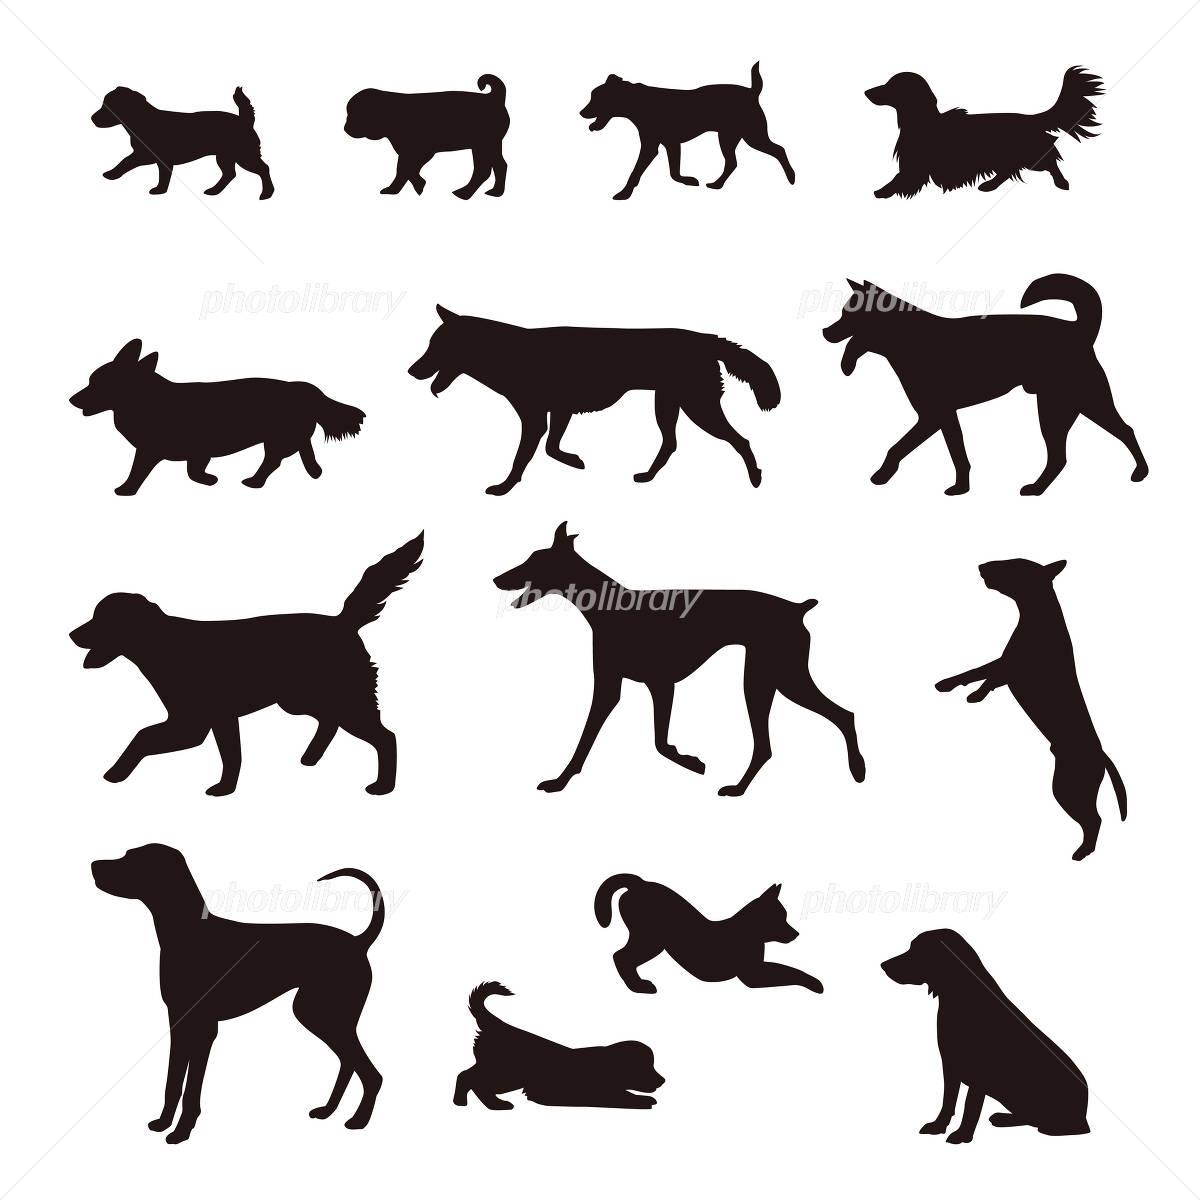 いろいろな犬のシルエット 柴犬 ゴールデンリトリバー ポインター